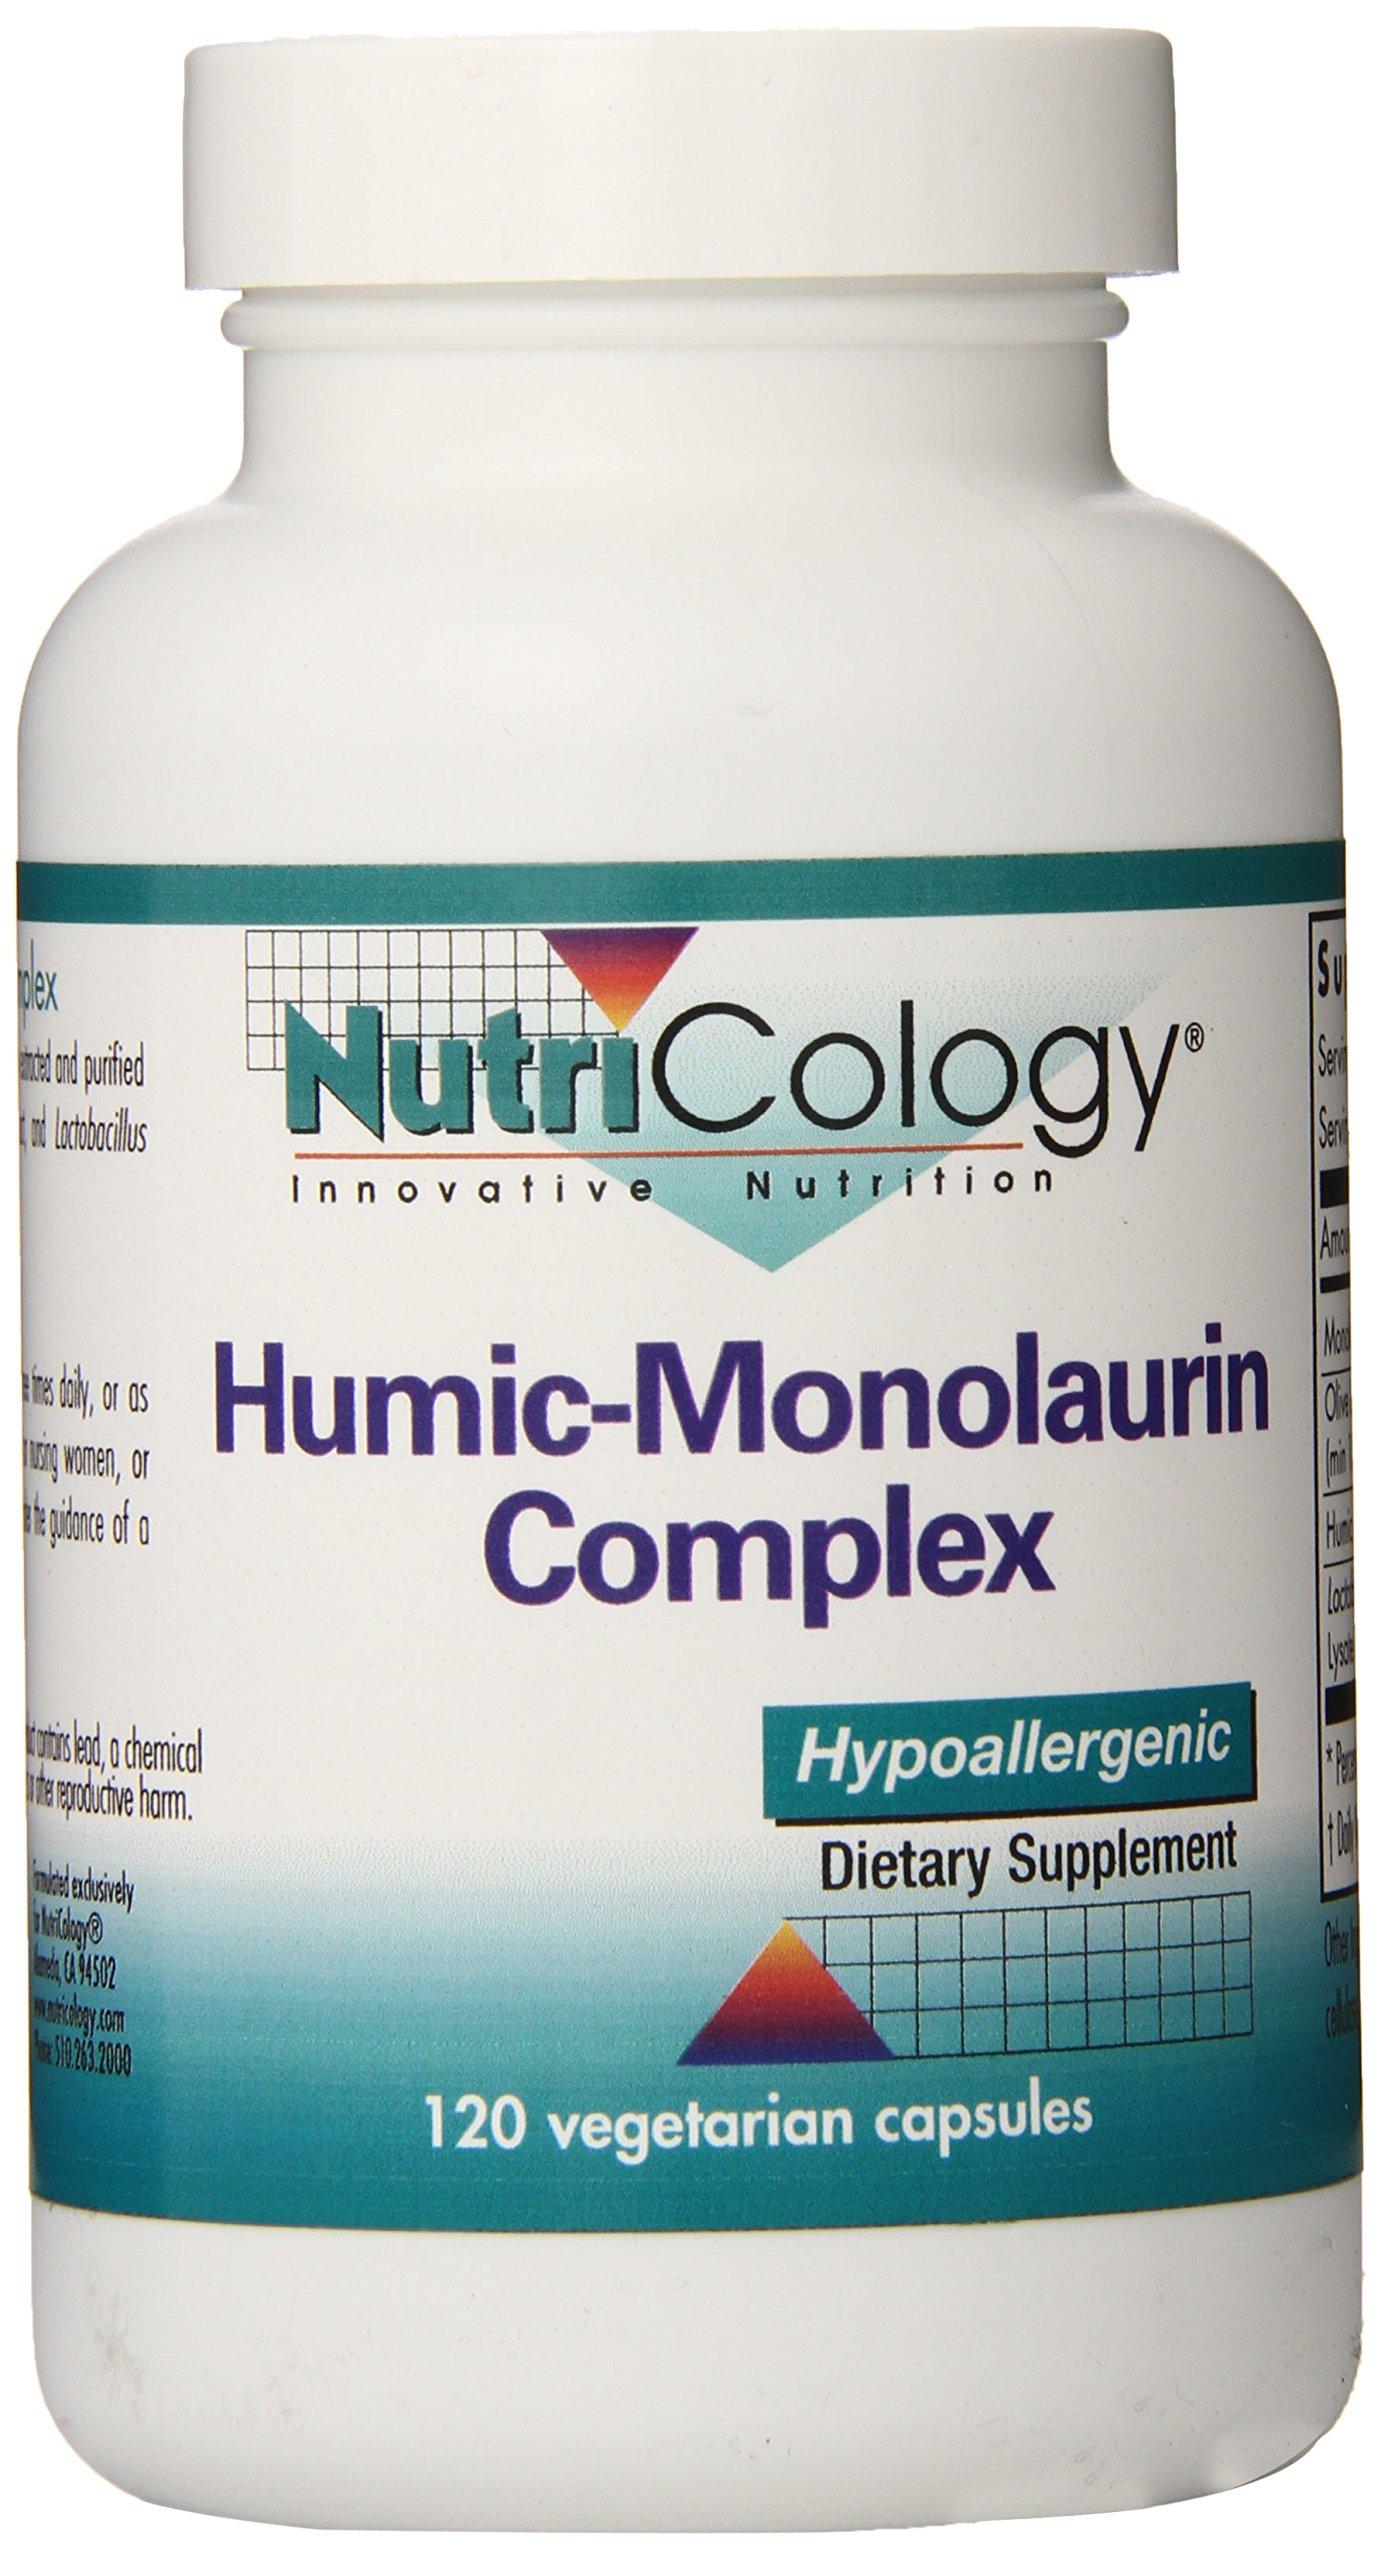 Nutrioclogy Humic-Monolaurin Complex Vegi Capsules, 120 Count